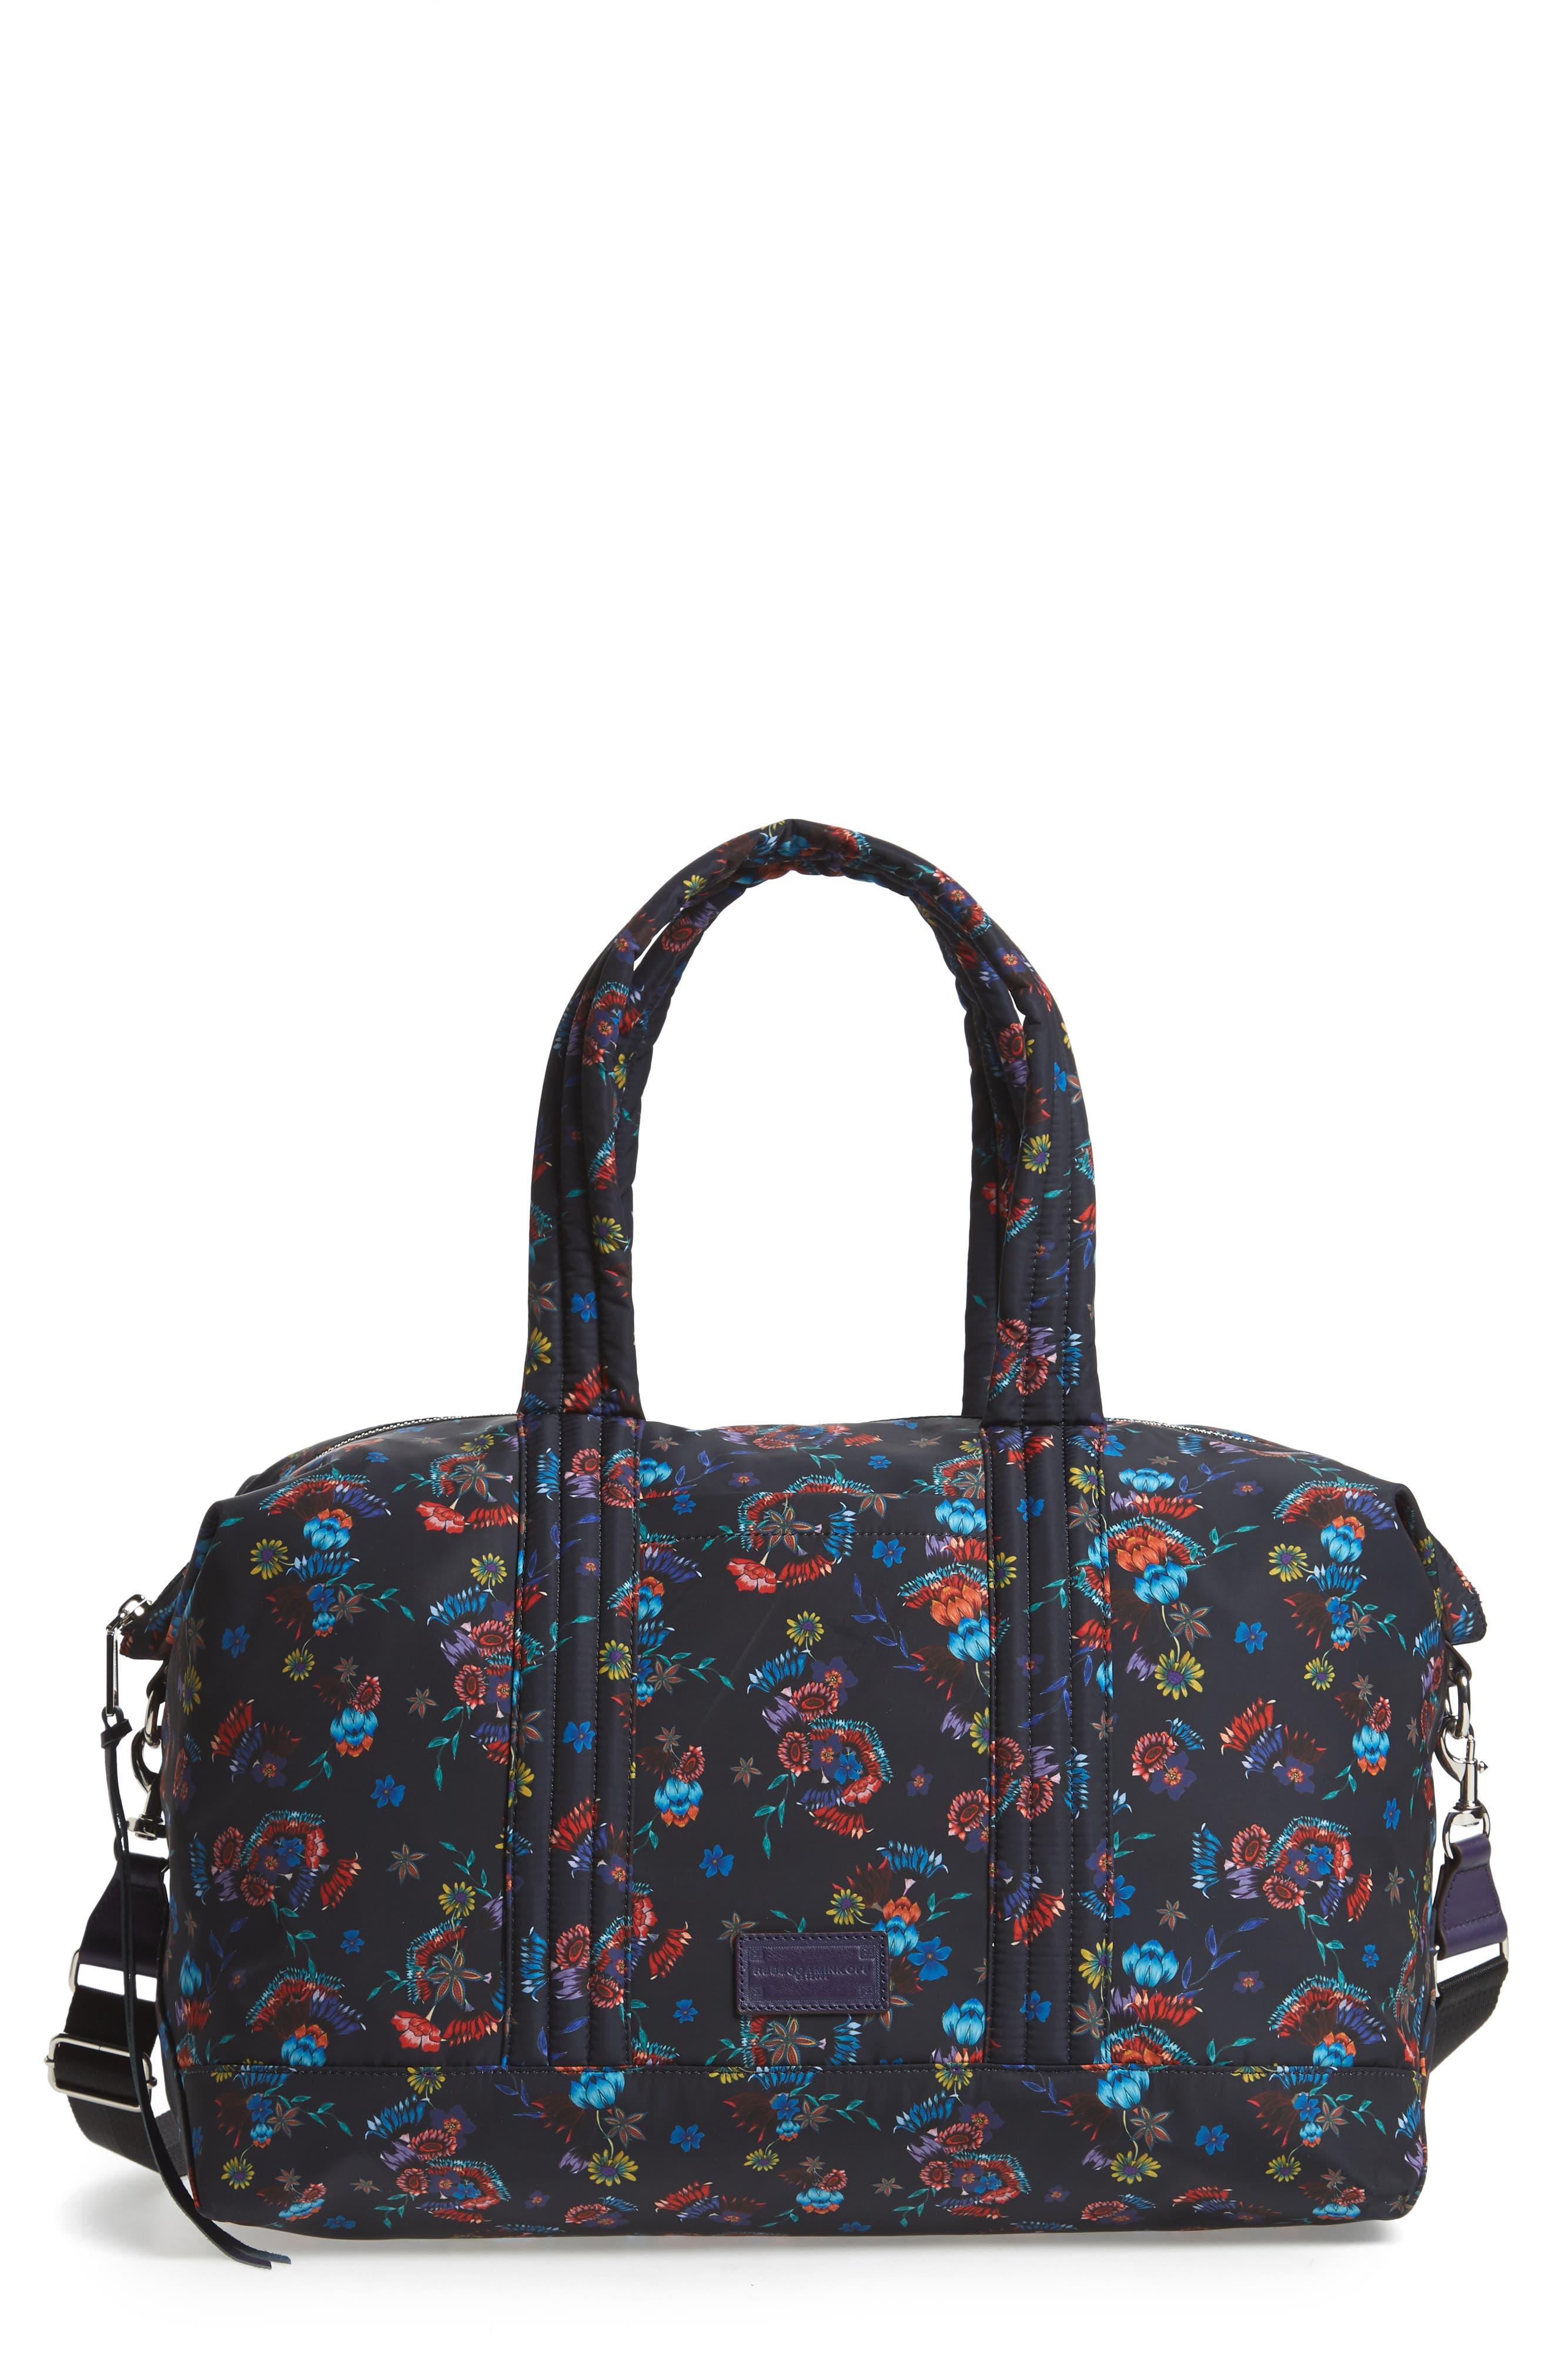 Rebecca Minkoff Weekend Nylon Duffel Bag